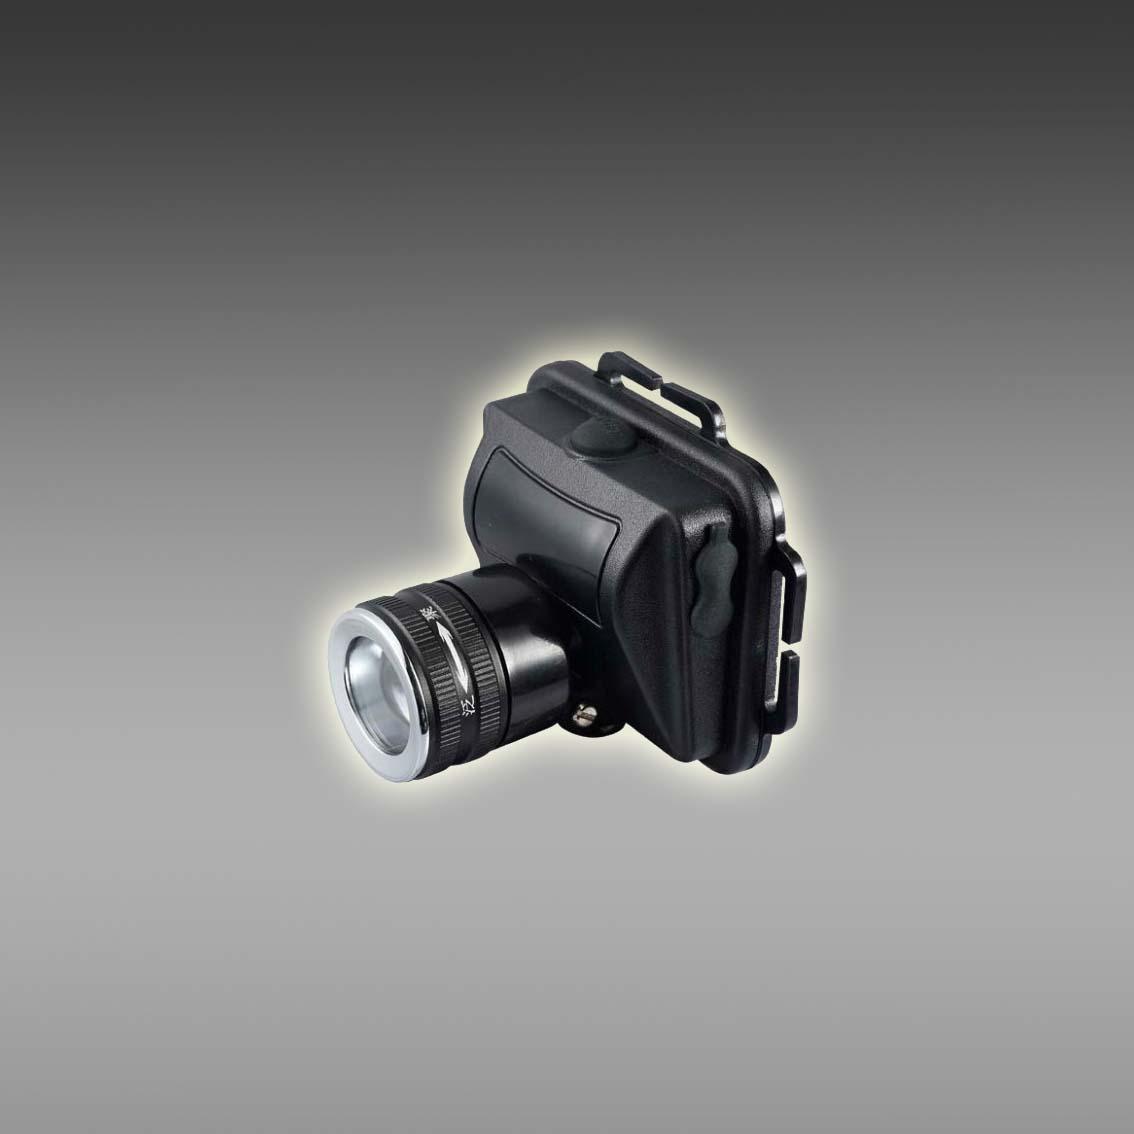 防爆调光工作灯 微型防爆调焦头灯 YBW3740